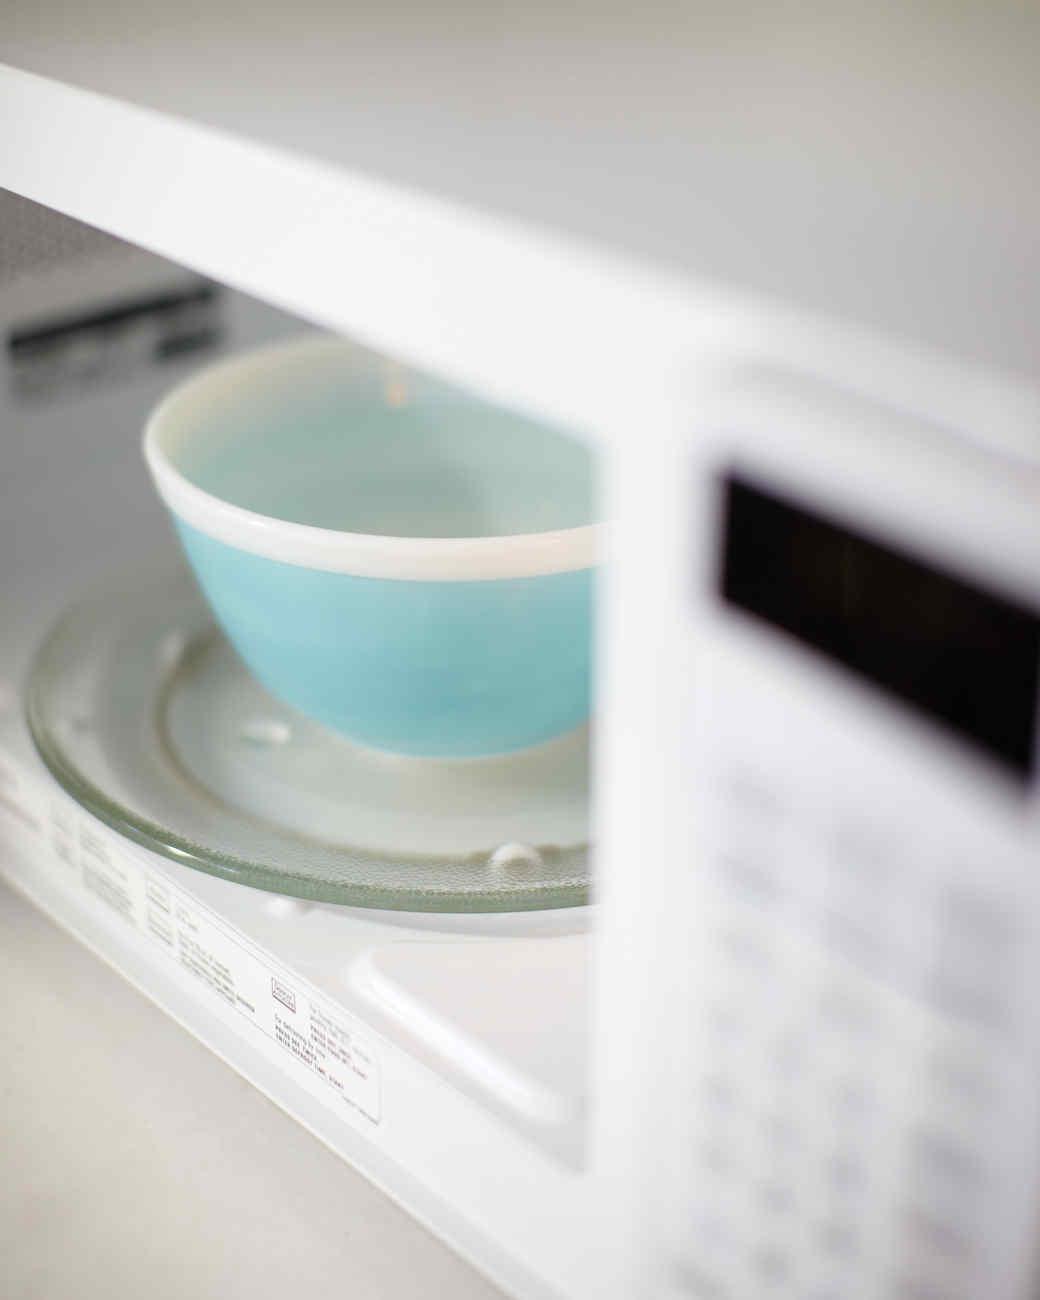 mld106991_0411_microwave13.jpg